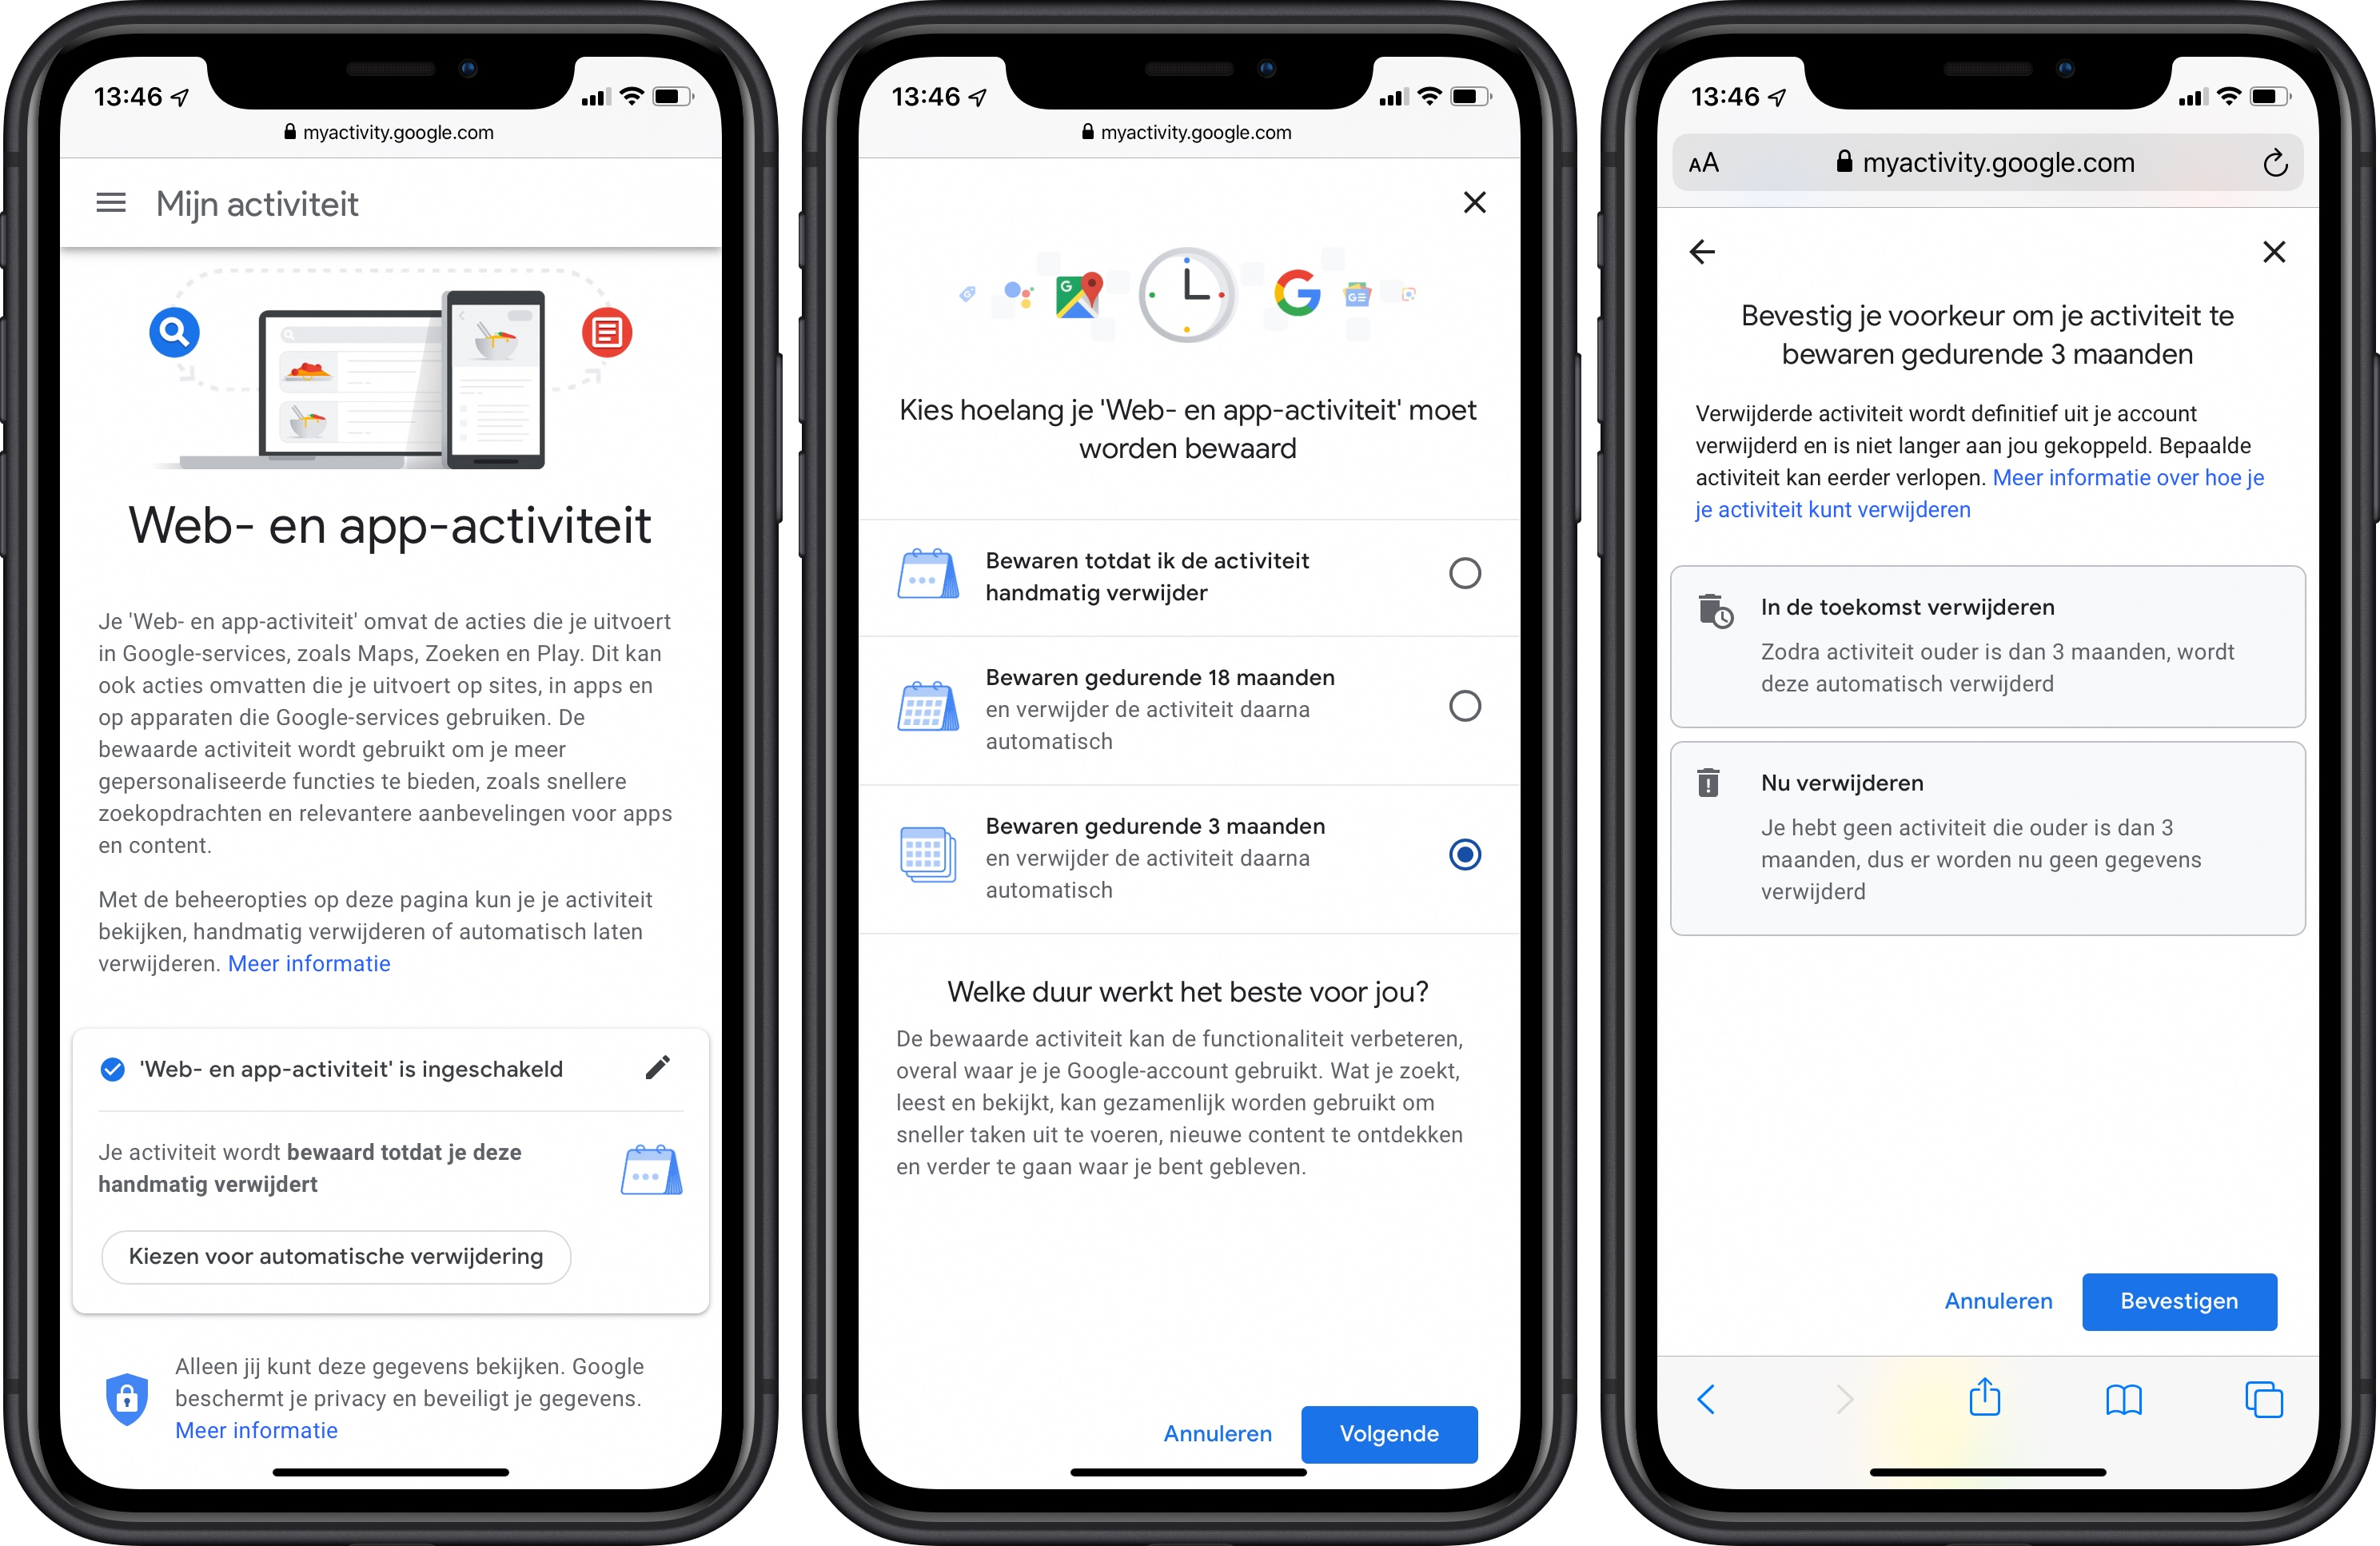 Google mijn activiteit verwijderen privacy